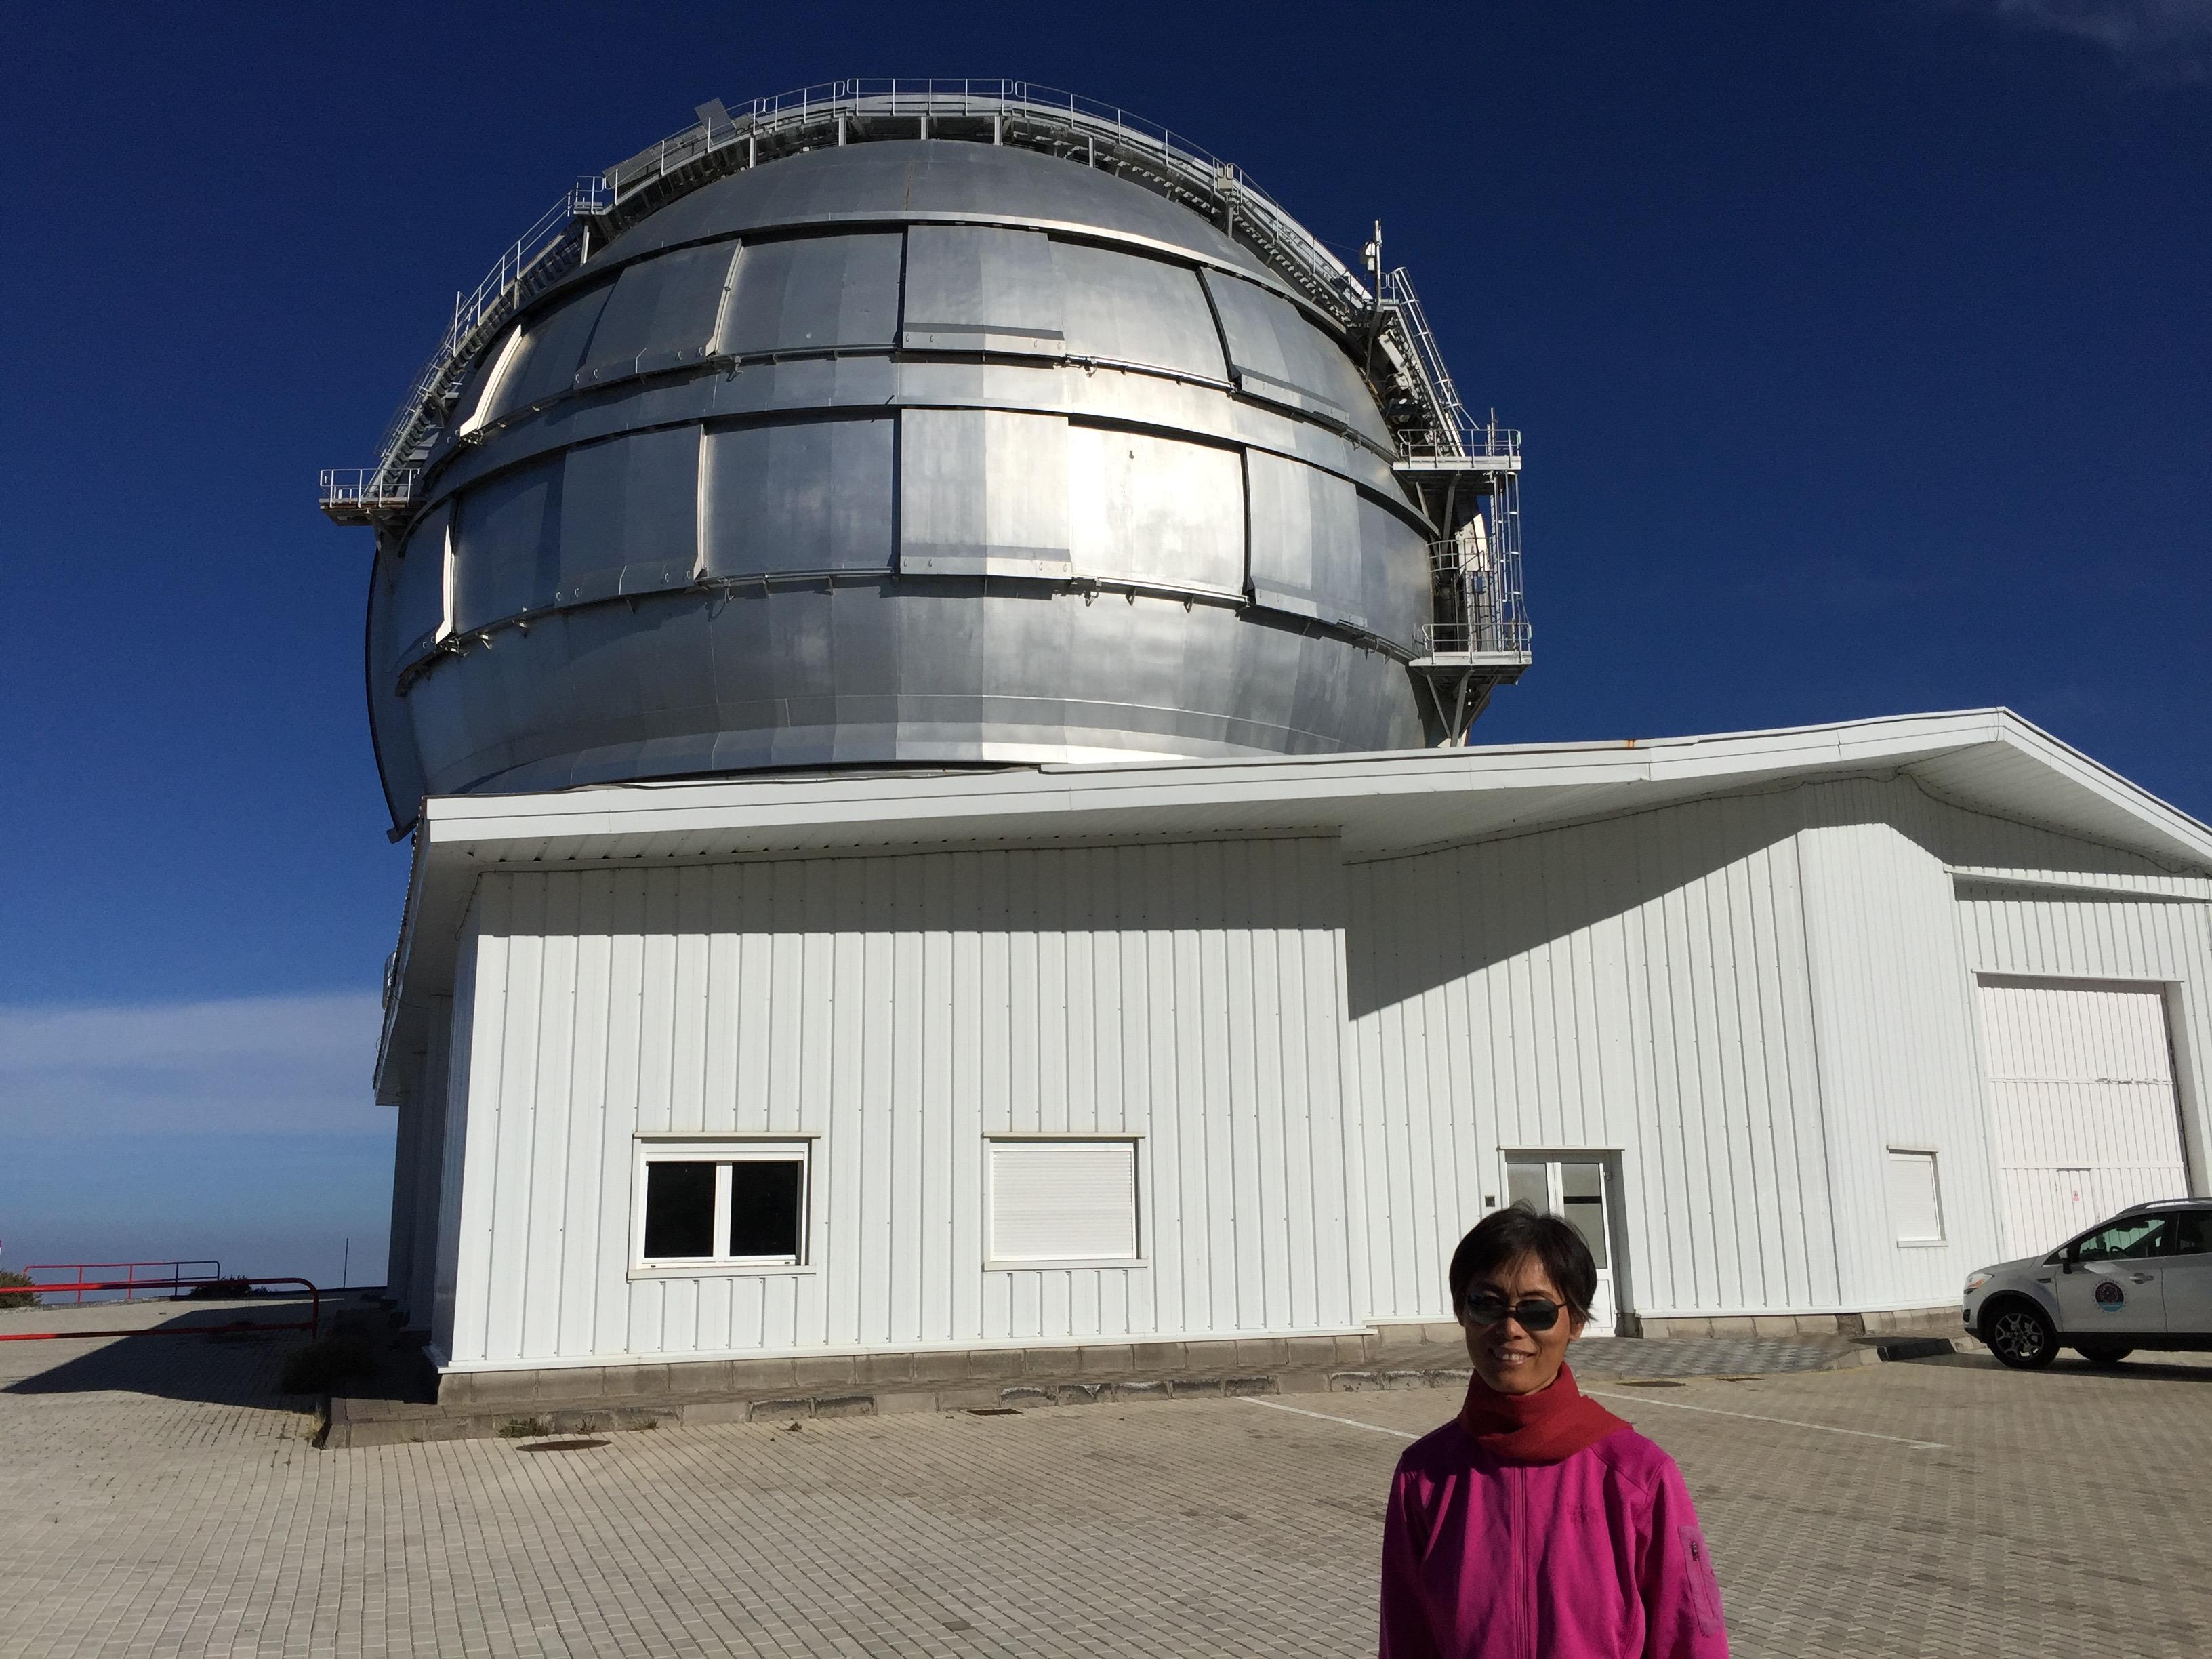 教科文组织,夏威夷,气候变化,联合国,二十四节气 星云星系星双对,天朗天黑天文台--《再济沧海》(89) IMG_3745.JPG